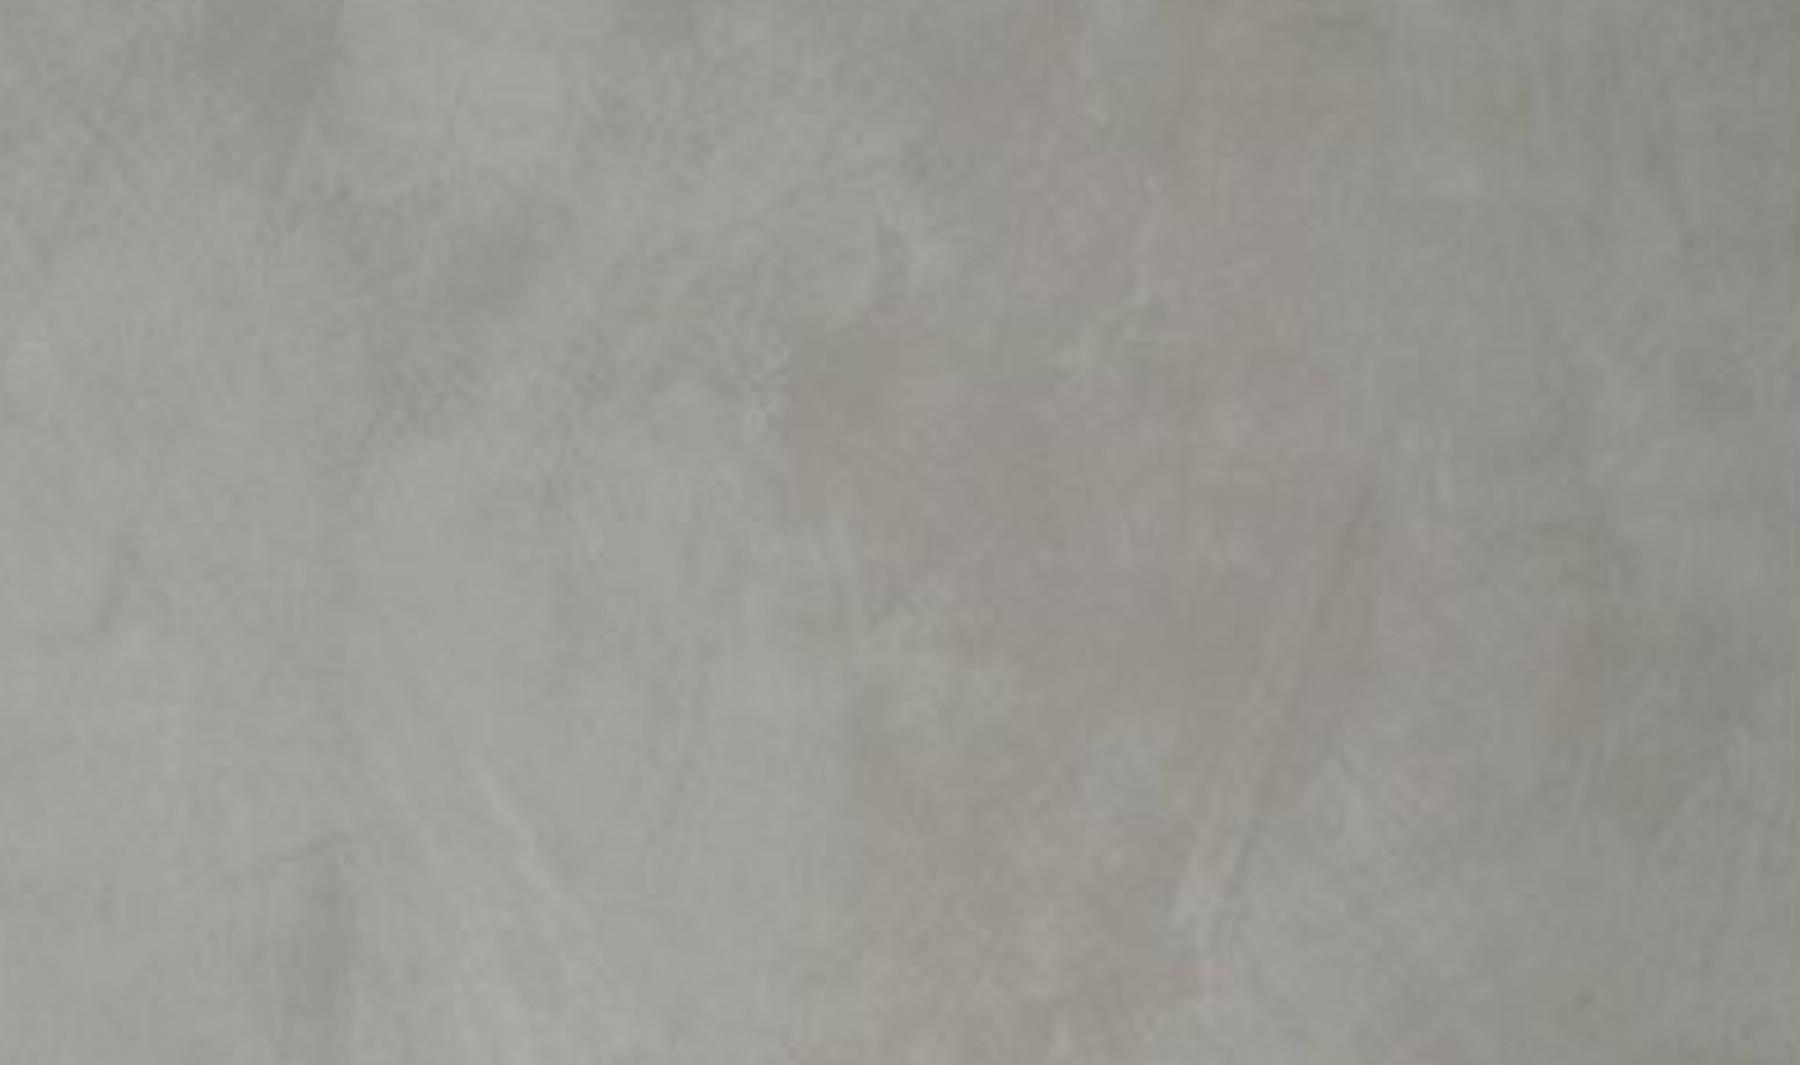 Baño Microcemento Blanco:TABELLA COLORI MICROCEMENTO